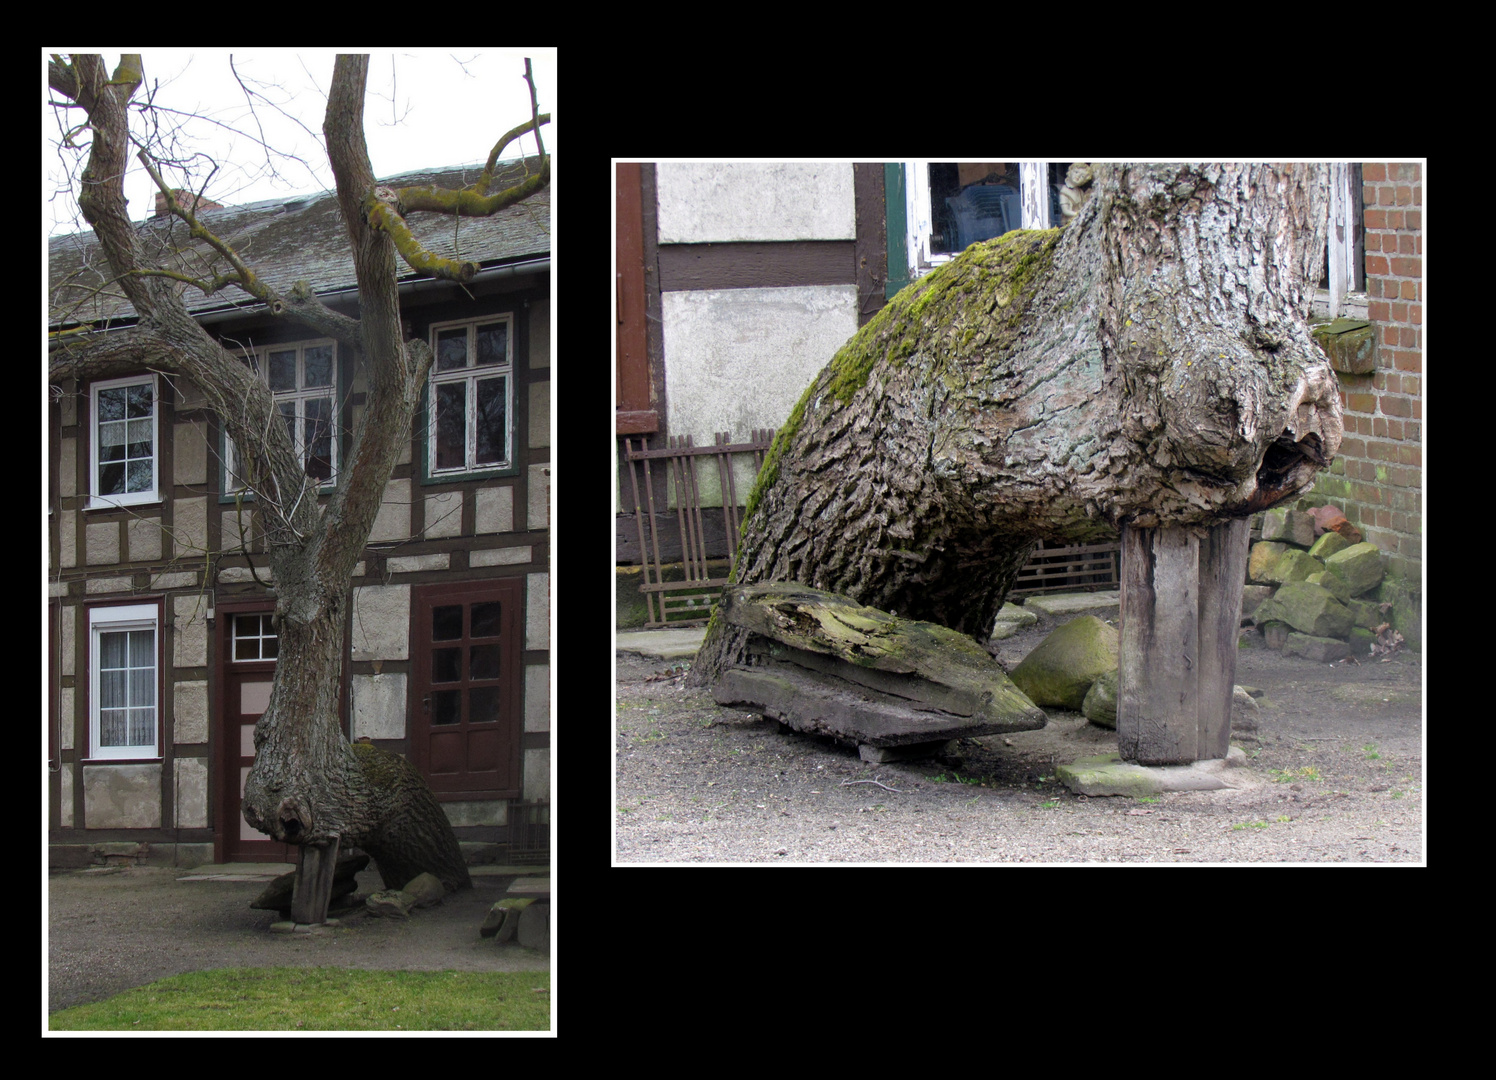 Die Liebe zum Baum in der Amtsmühle Dambeck bei Salzwedel